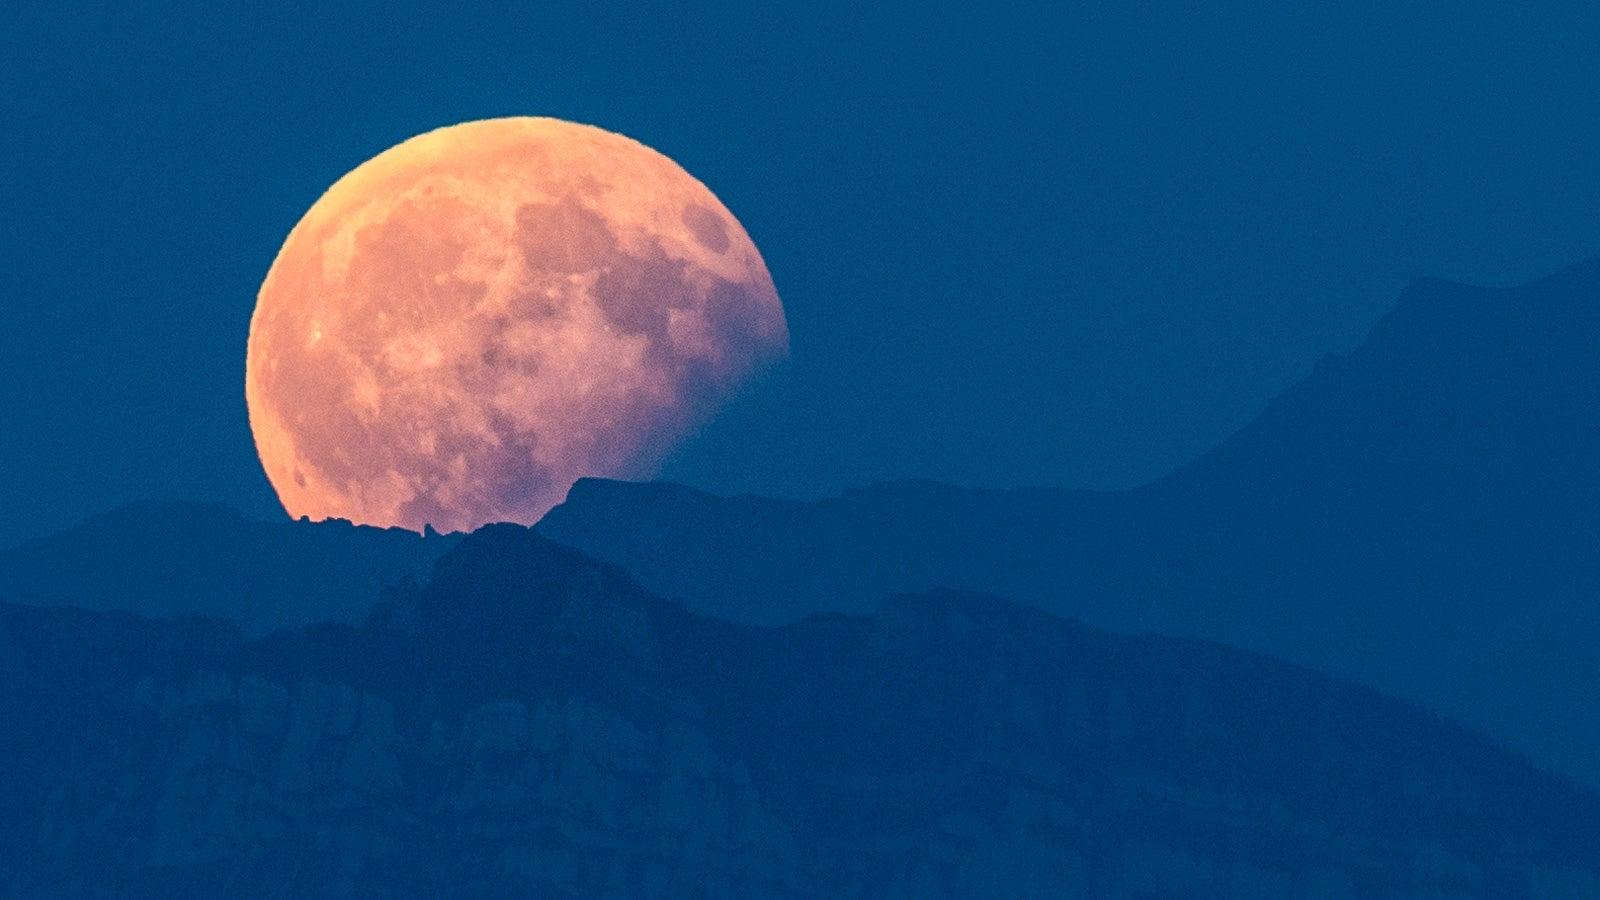 """Versteckte """"Monde"""" entdeckt: Zwei weitere kosmische Gefüge kreisen um die Erde"""